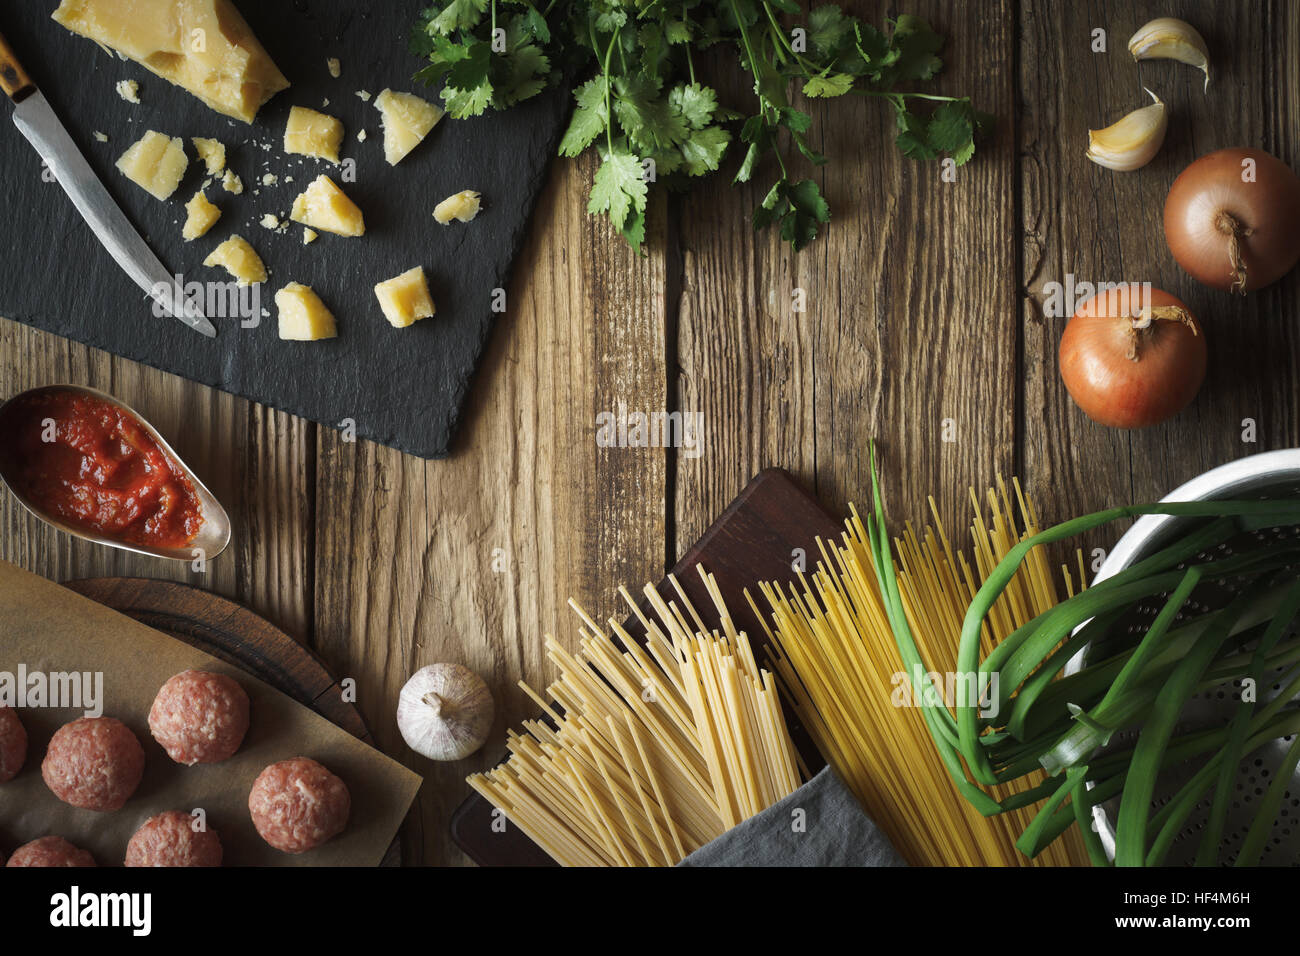 Ingredientes para cocinar los espaguetis, albóndigas con queso y hierbas frescas espacio copia horizontal Imagen De Stock